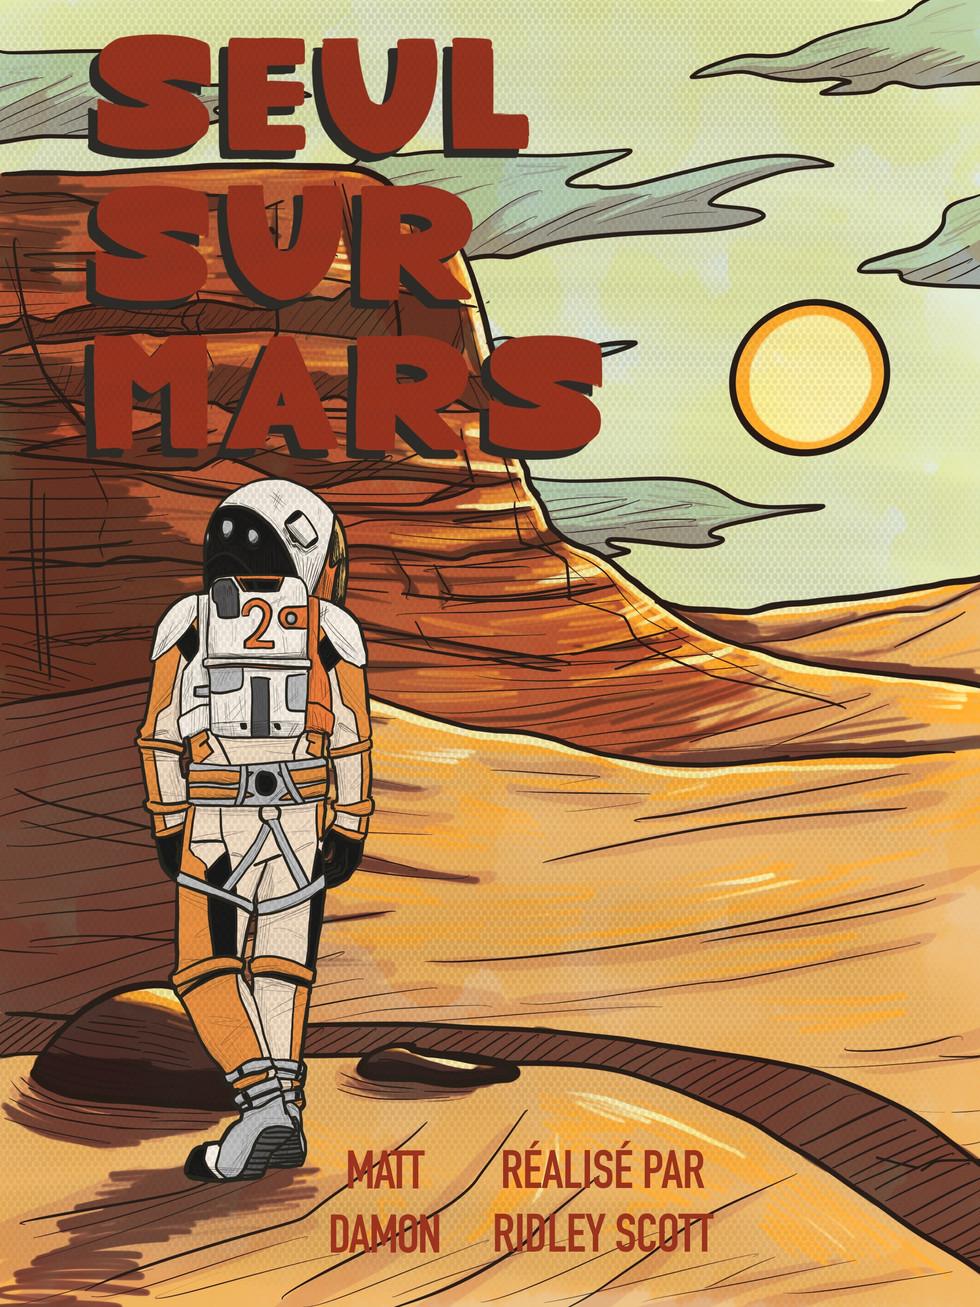 Tallulah Blais - Seul sur Mars (Art numérique)